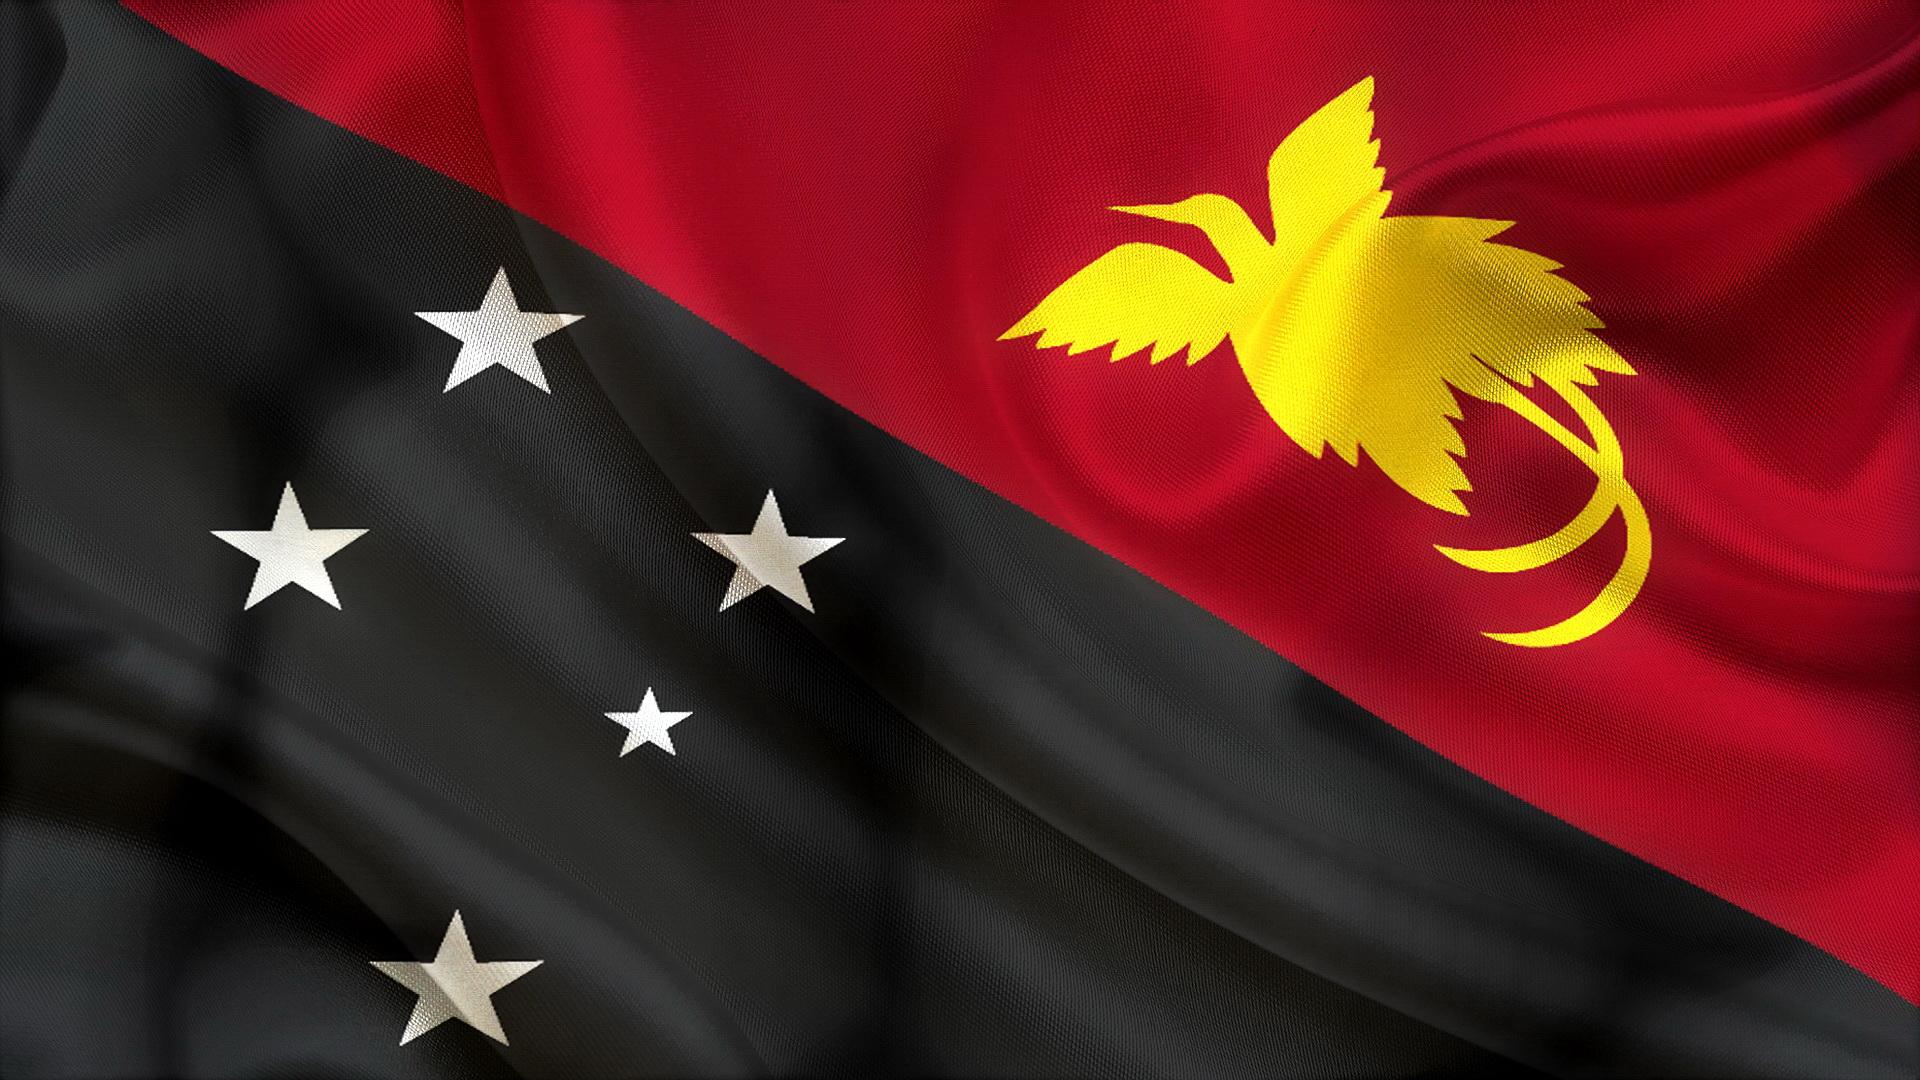 Papua New Guinea Flag wallpaper 1920x1080 98225 WallpaperUP 1920x1080